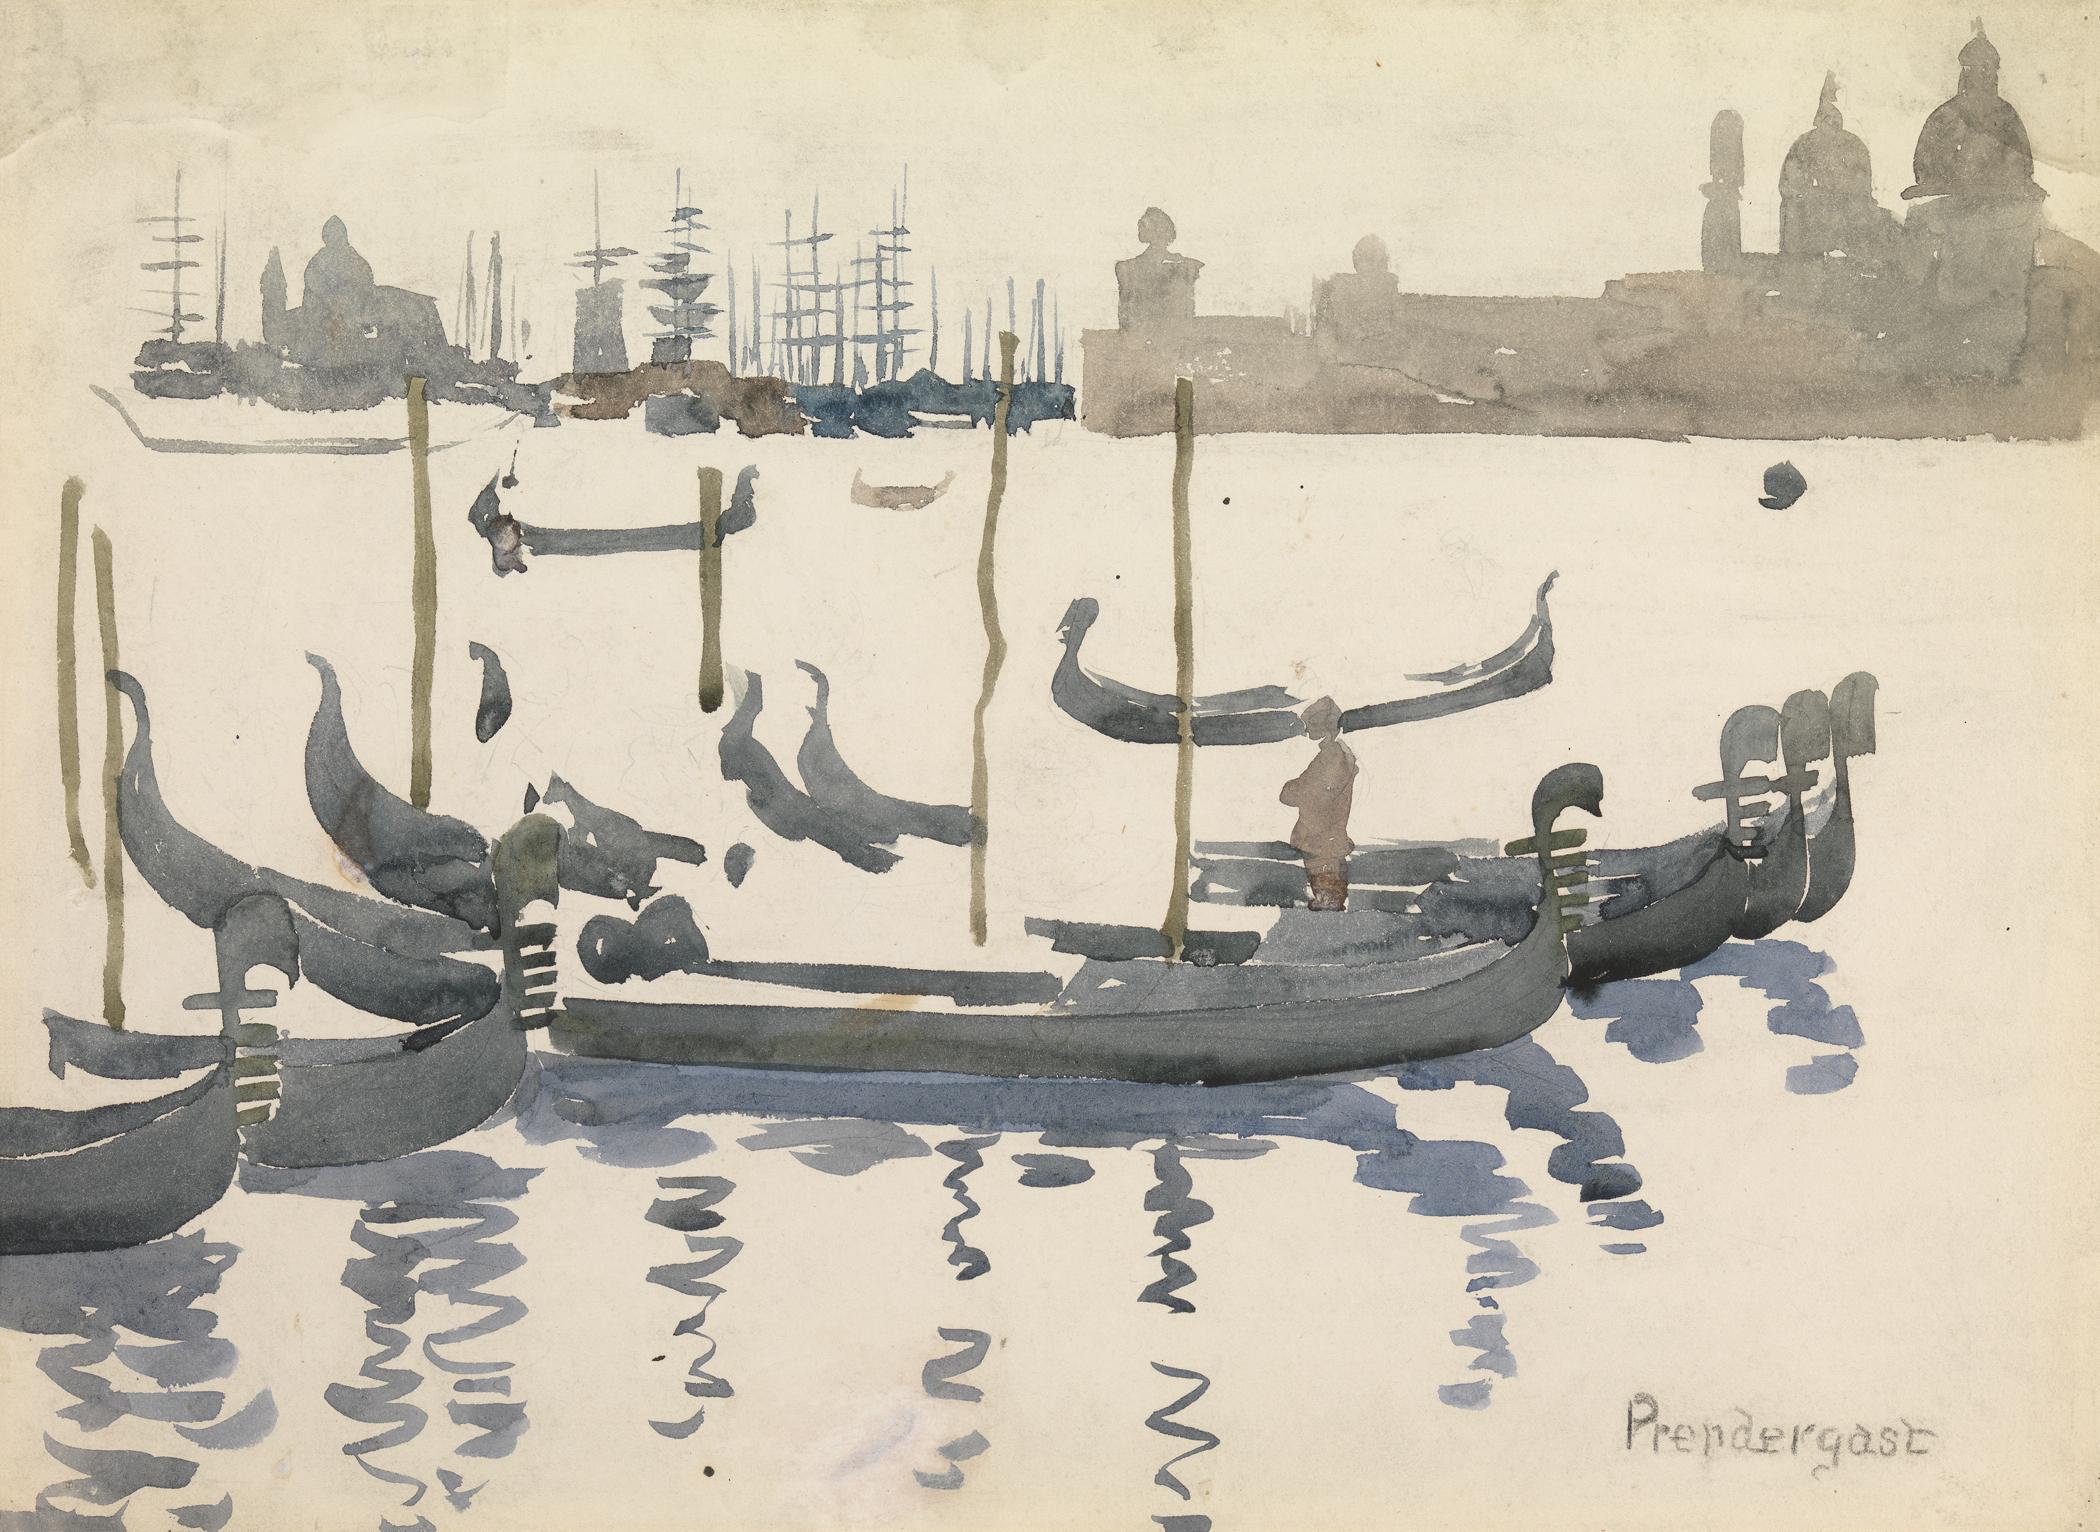 Maurice Prendergast (1858-1924)